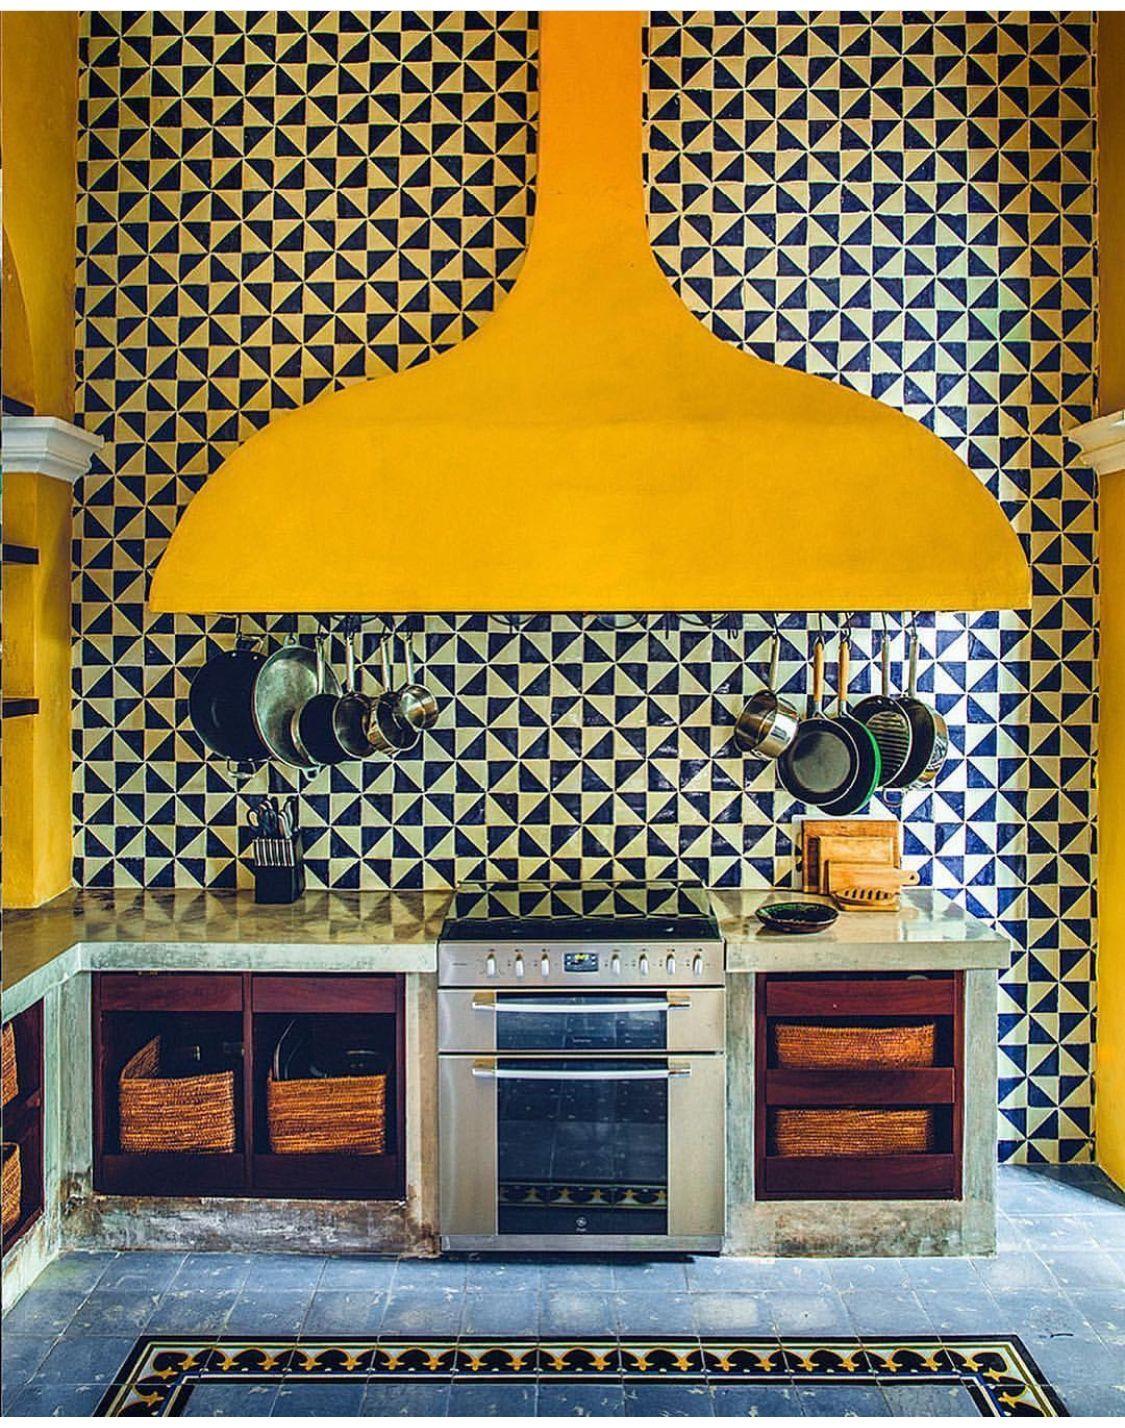 Cabana mag Covers by Dries Van Noten   Kitchen interior, Kitchen ...